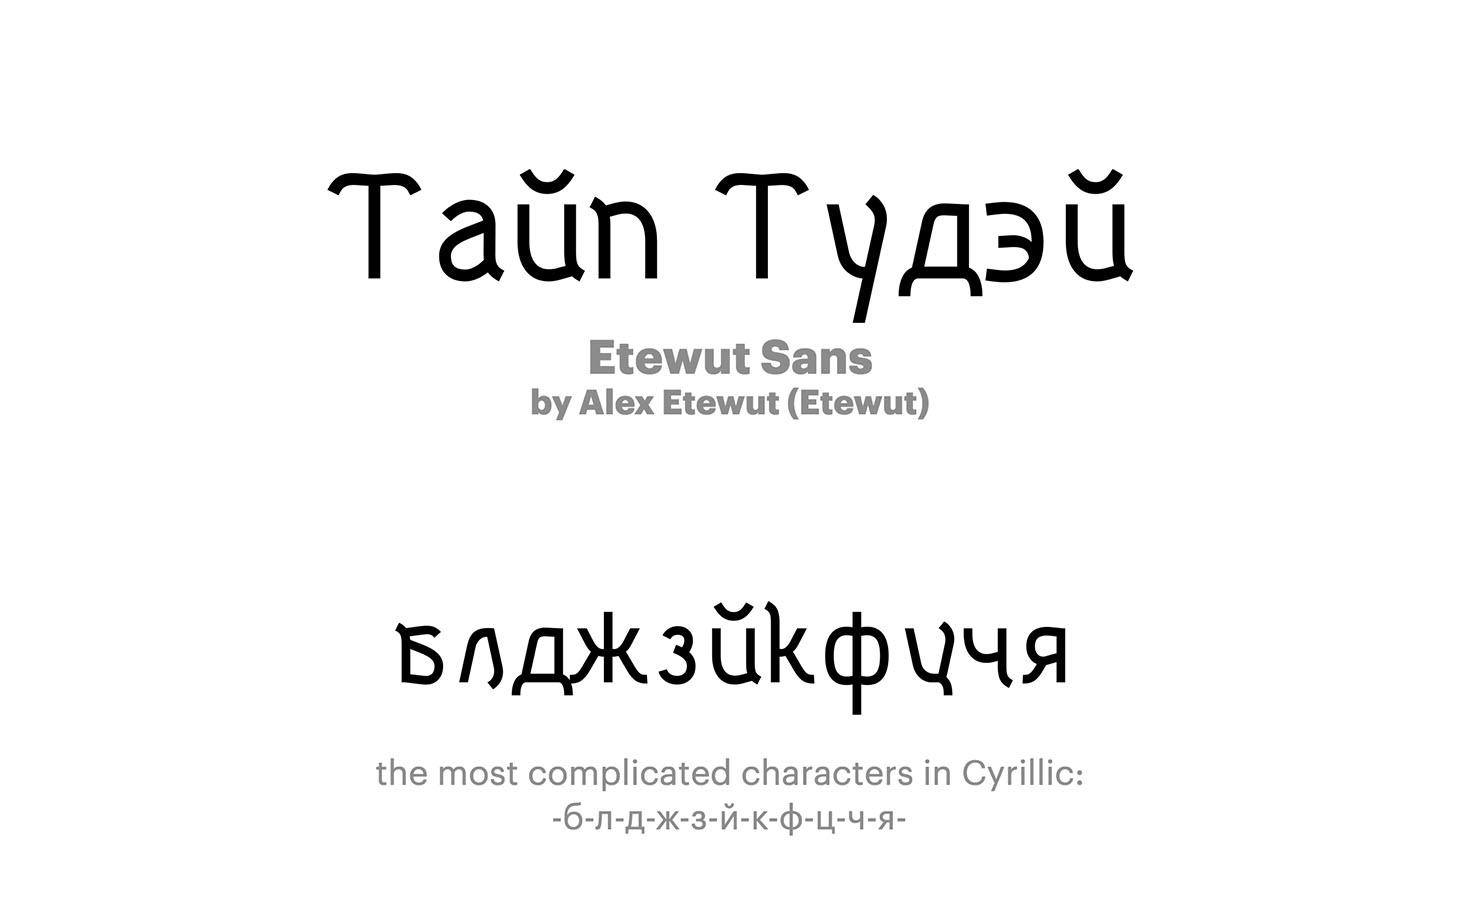 Etewut-Sans